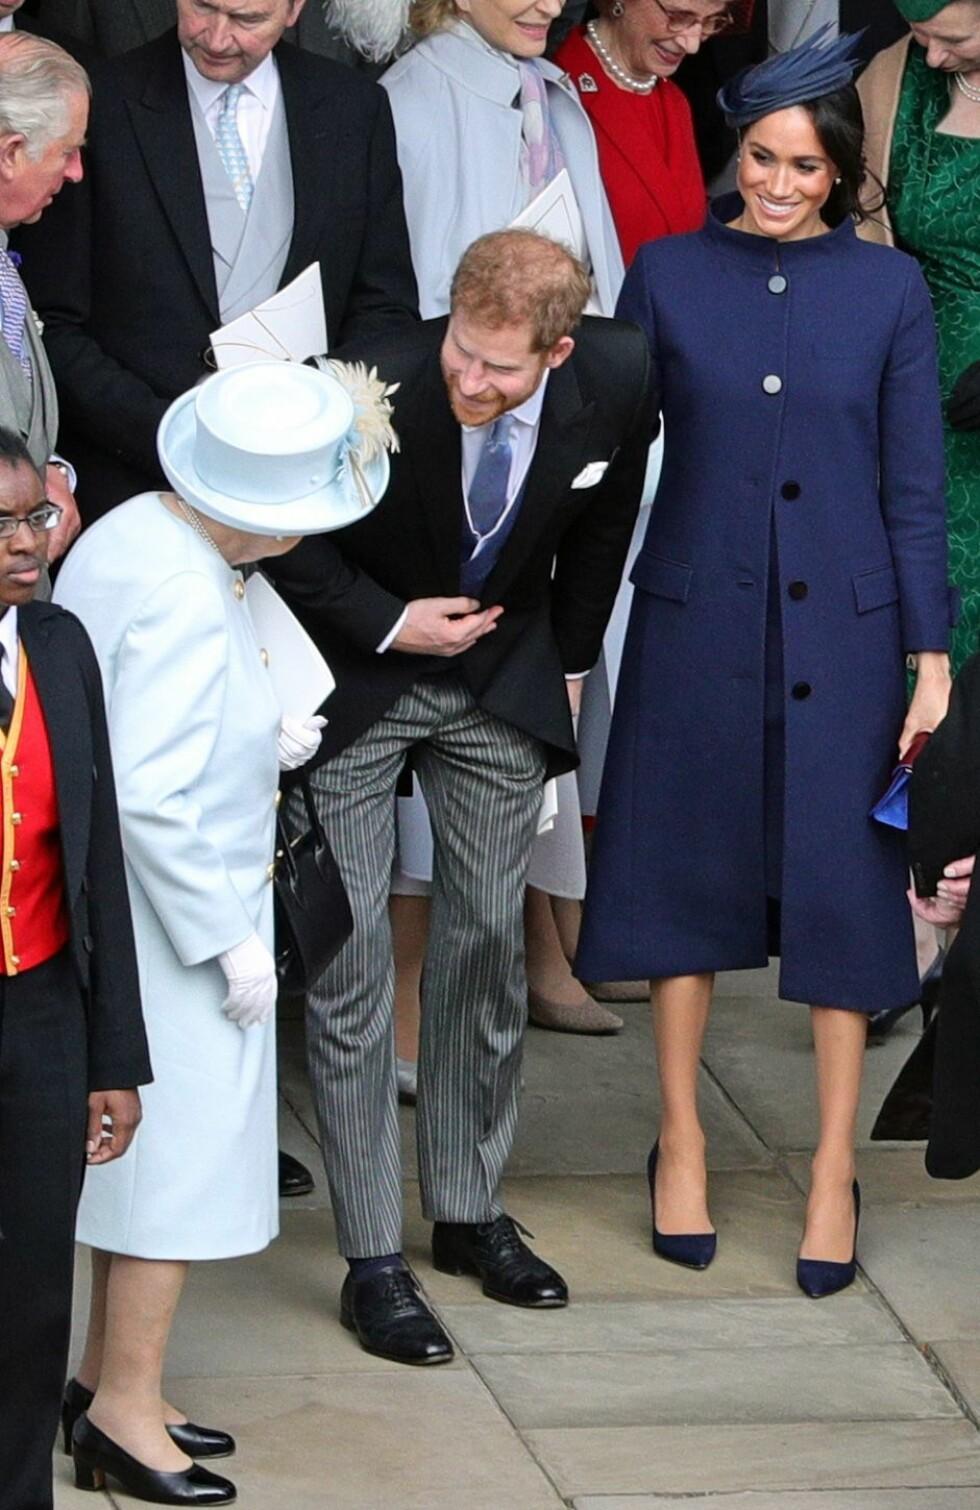 OLDEMOR: Dronning Elizabeth, som er 92 år, kan til våren glede seg over å få sitt syvende oldebarn. Her hilser hun på barnebarnet prins Harry og hans kone Meghan utenfor Windsor Slott i anledning prinsesse Eugenies bryllup. FOTO: NTB Scanpix